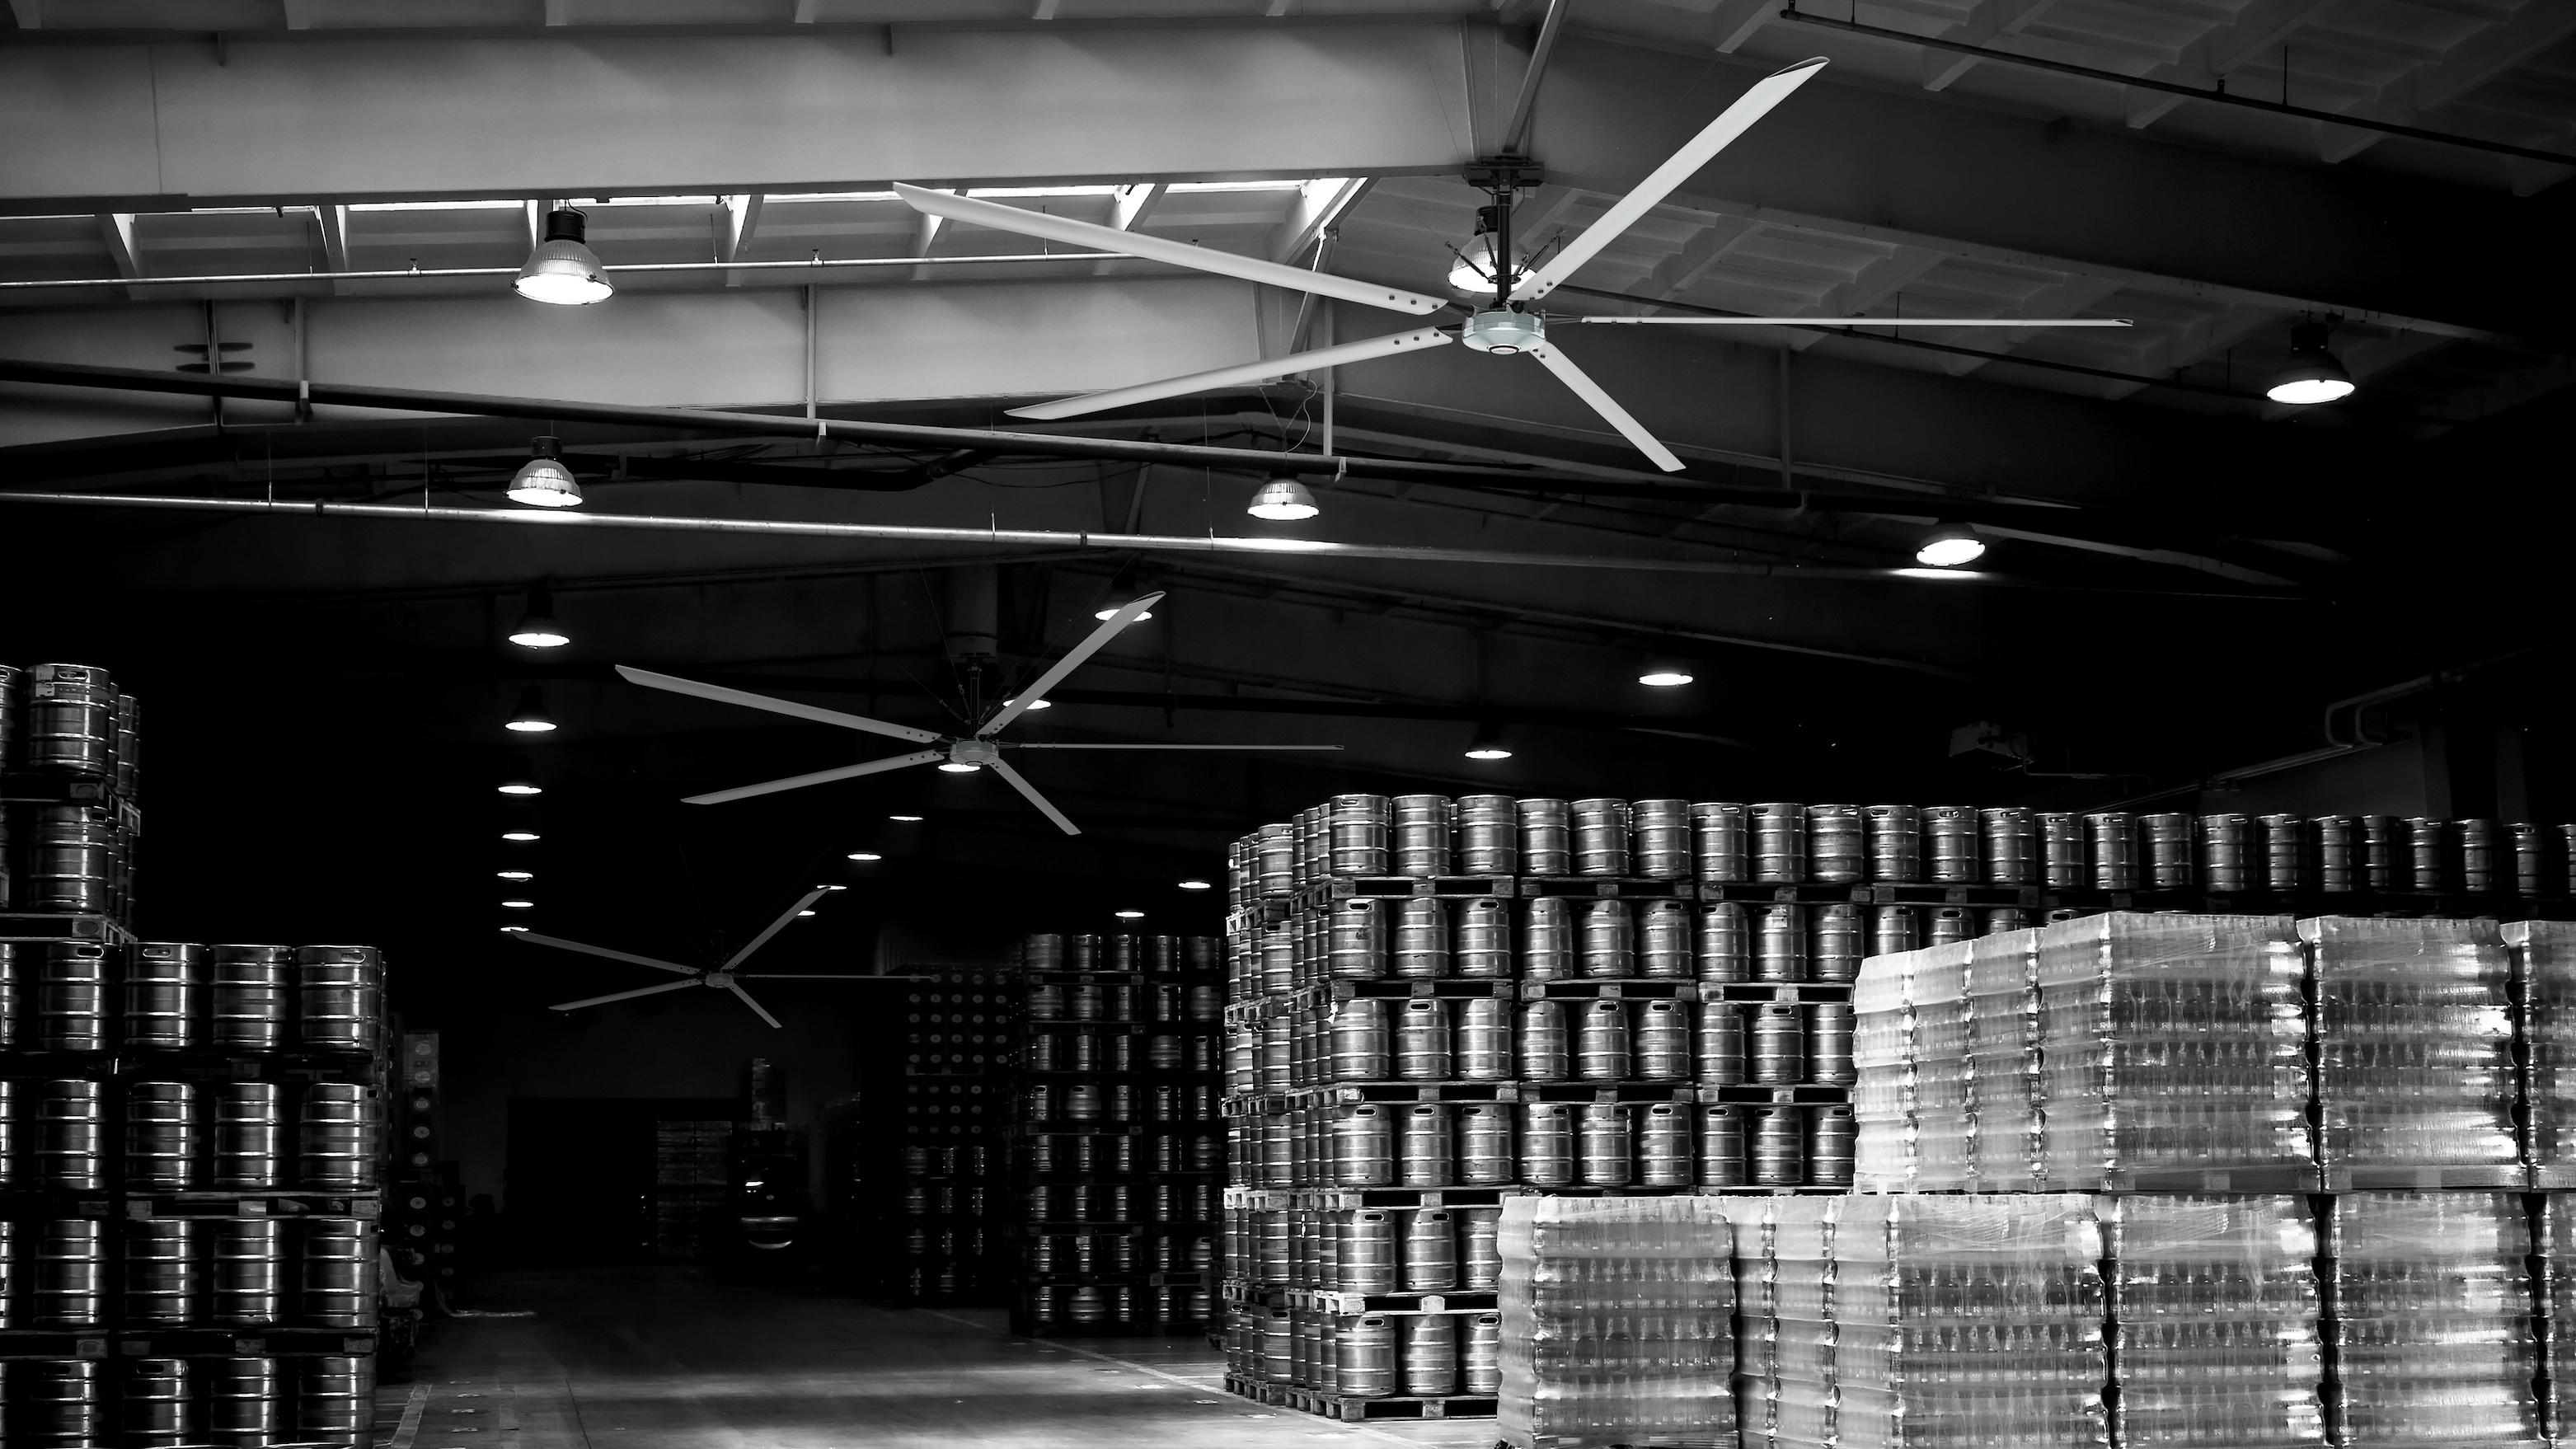 インダストリアルシリーズ 大型倉庫 工場向け Hunterfan ハンター カサブランカ シーリングファン画像 Hunter正規輸入品販売ハンターストア㈱ オフシャルサイト